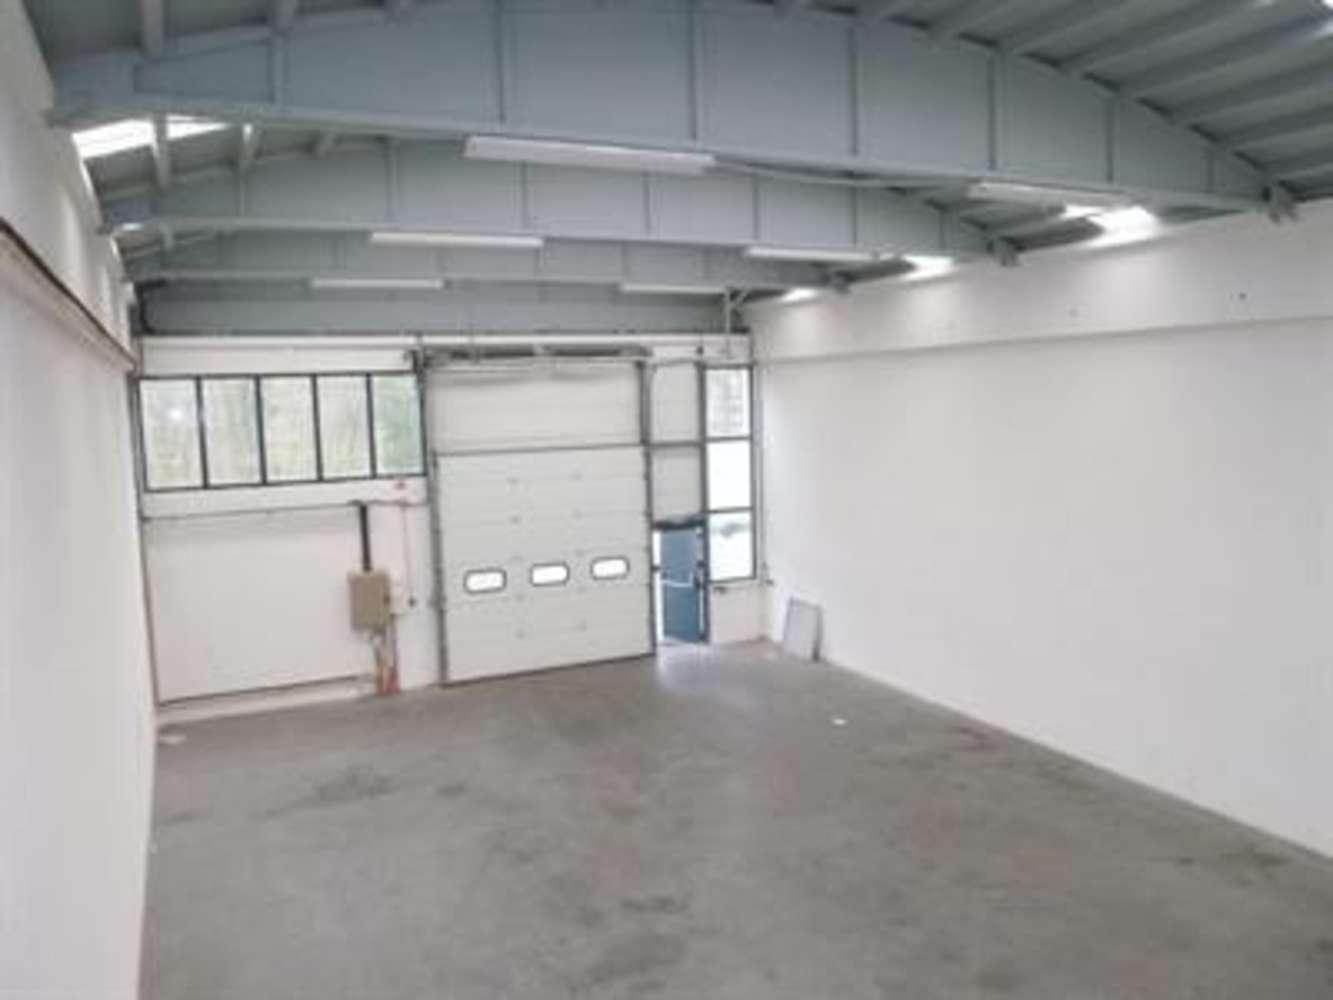 Activités/entrepôt Genay, 69730 - Location locaux d'activité Lyon Nord - 9802481